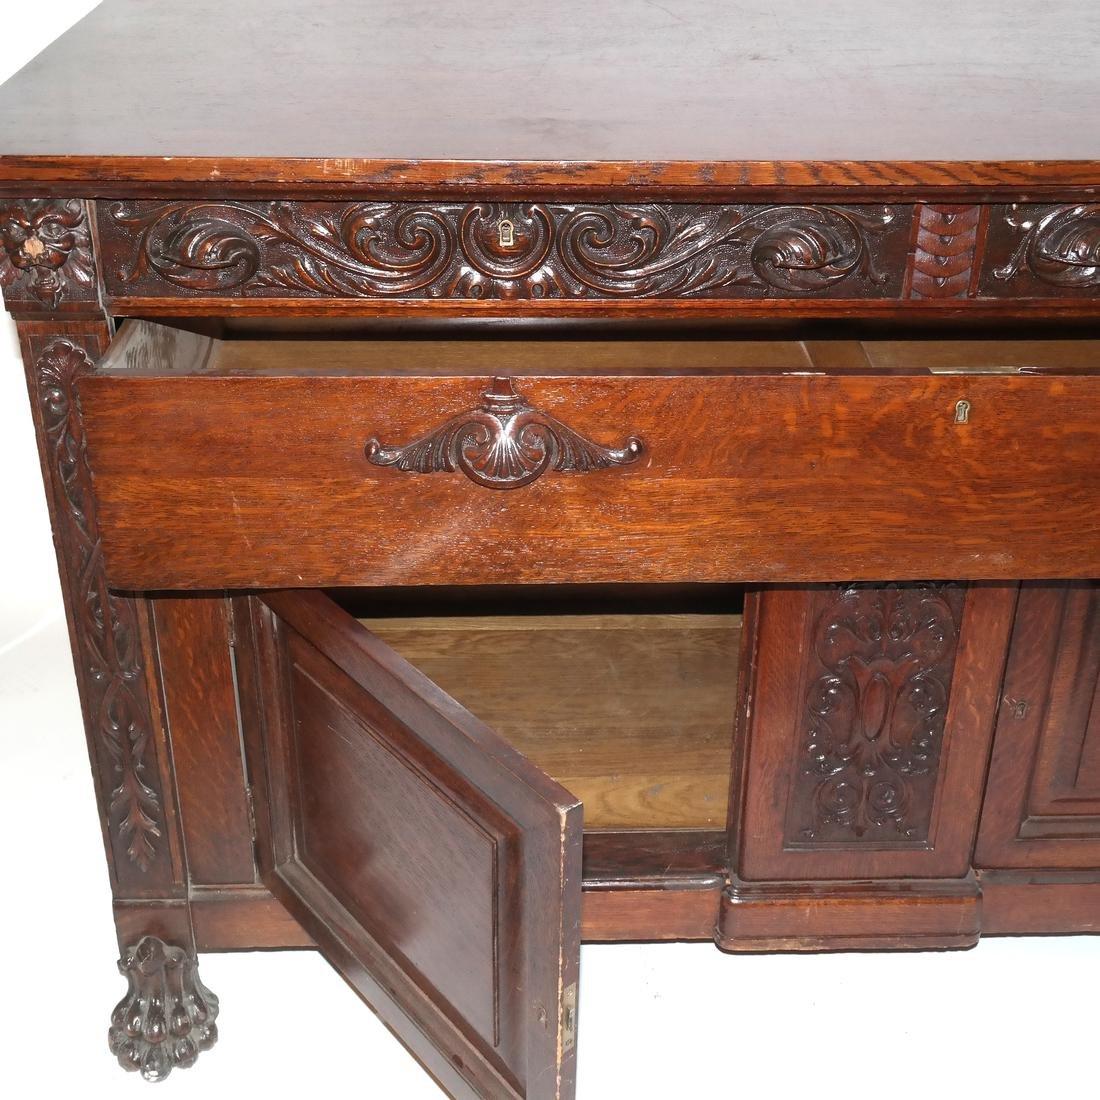 Antique Ornate Golden Oak Sideboard - 6